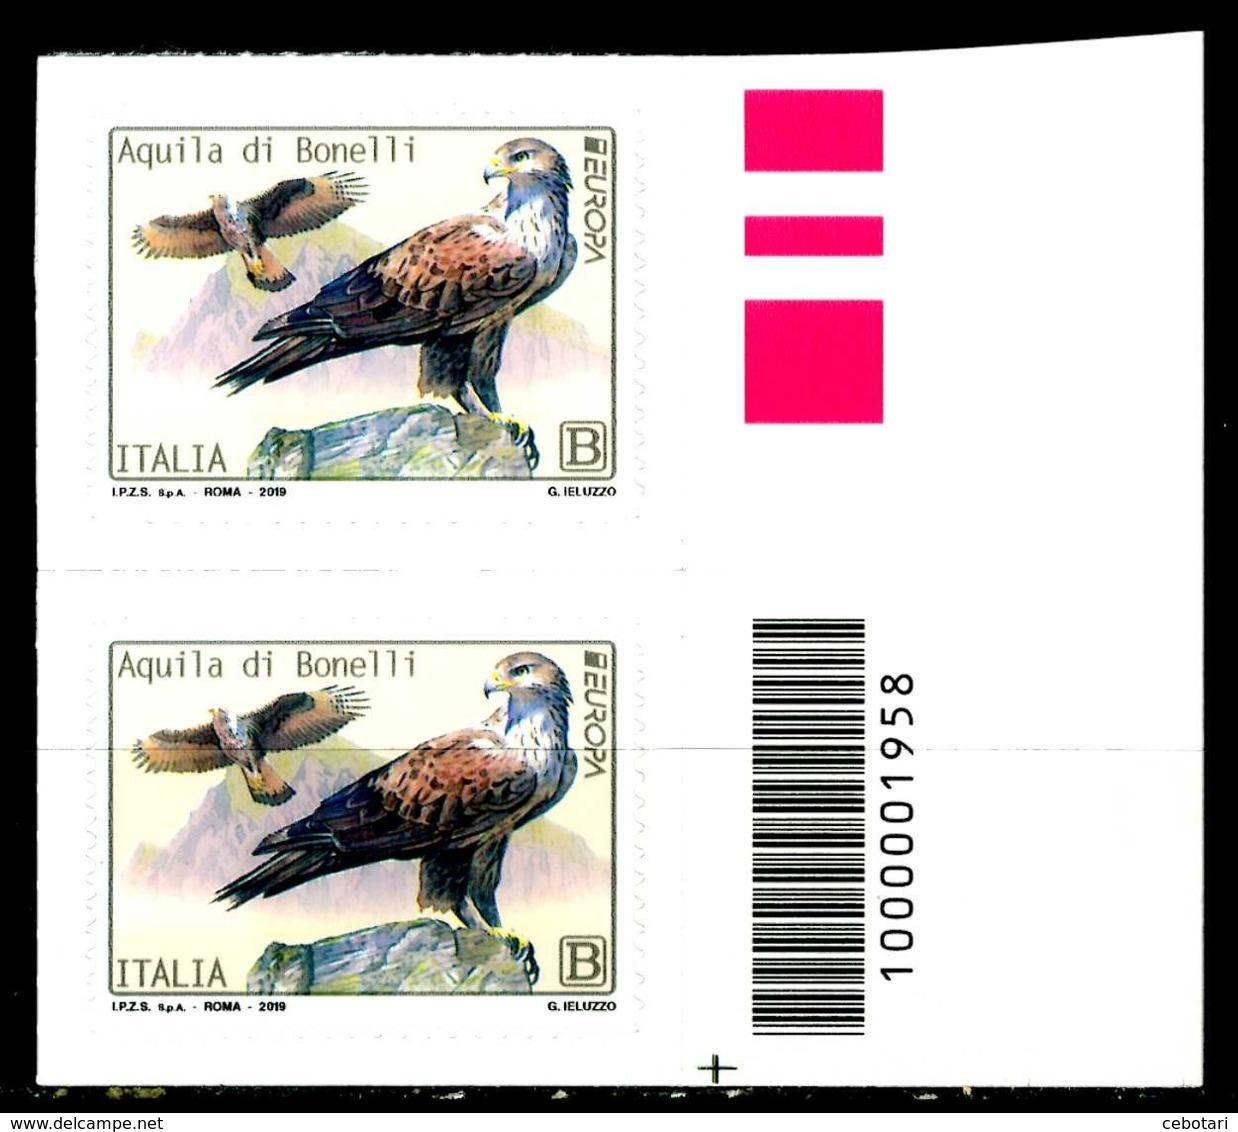 ITALIA / ITALY 2019** - Europa 2019 - Uccelli / Birds - Aquila Bonelli - Coppia Con Codice A Barre MNH Autoadesiva - 2019